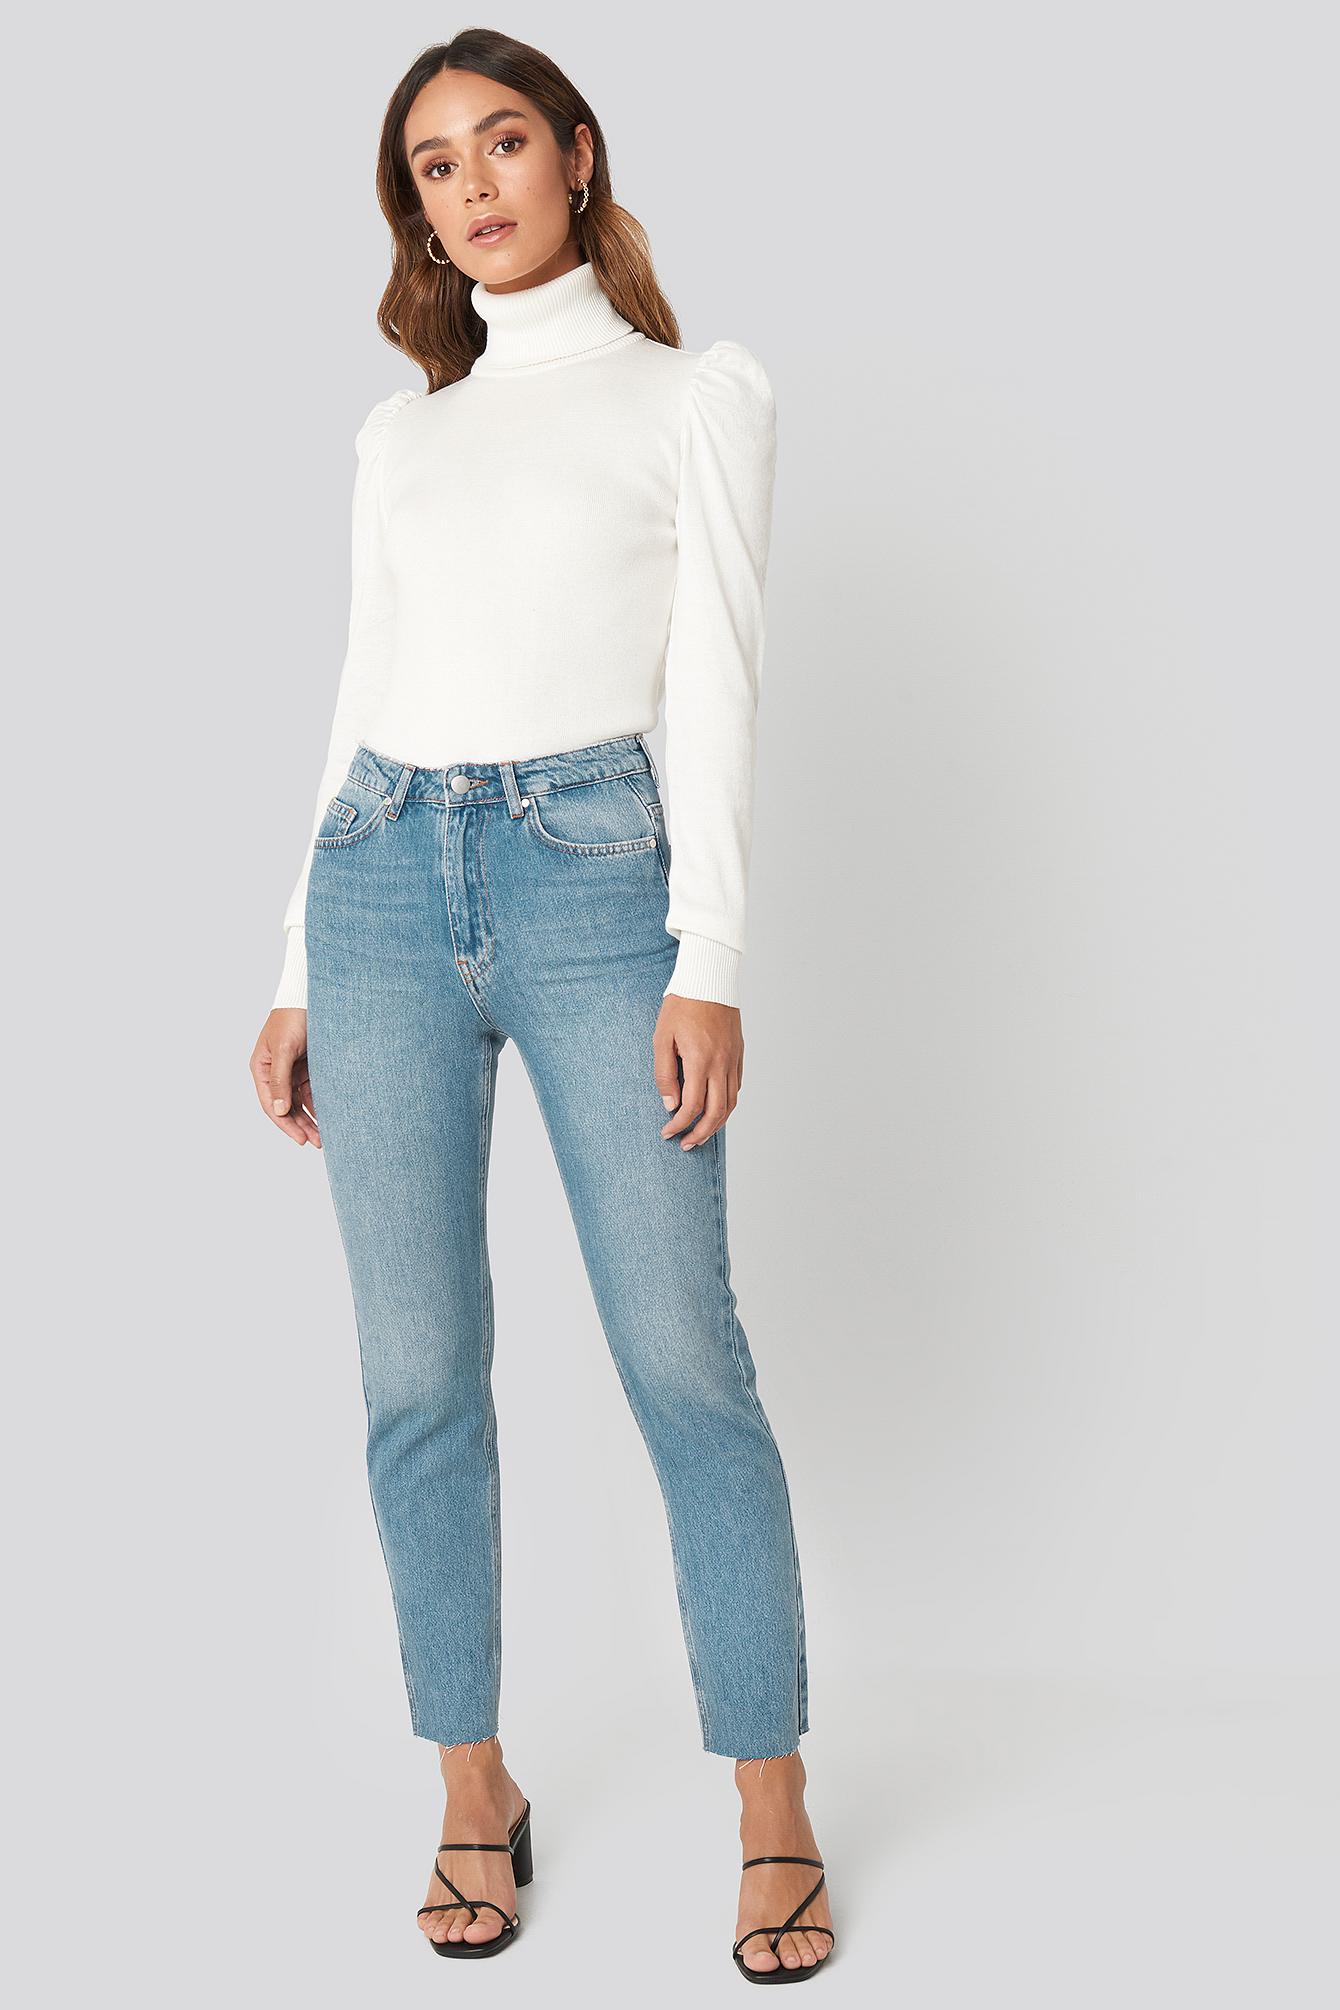 High Rise Straight Cut Jeans Blå by Hannaweigxnakd